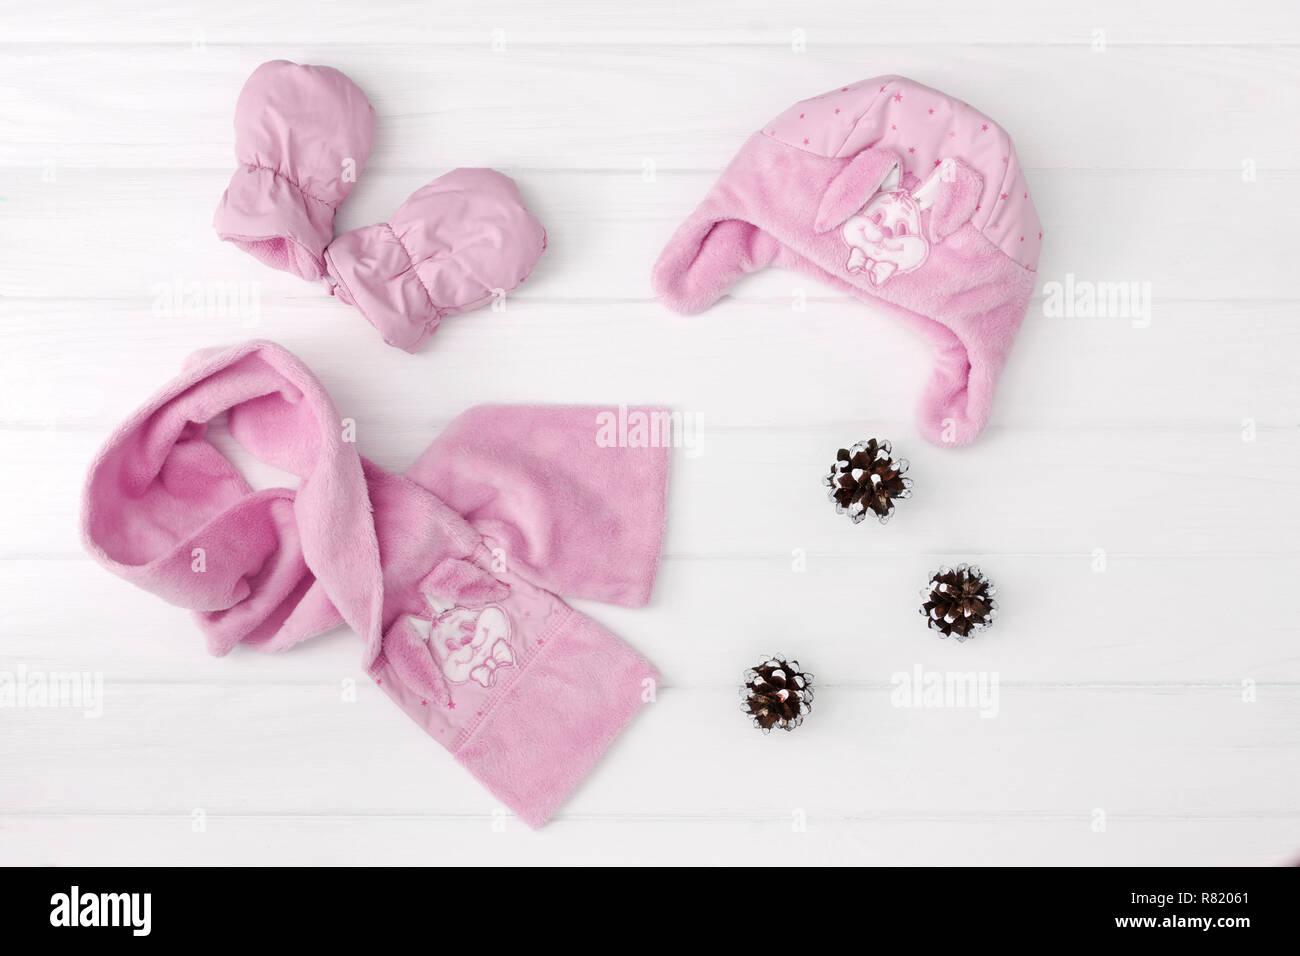 El otoño o invierno ropa de moda. Niña Rosa Conjunto de prendas de vestir en el fondo de madera. Imagen De Stock